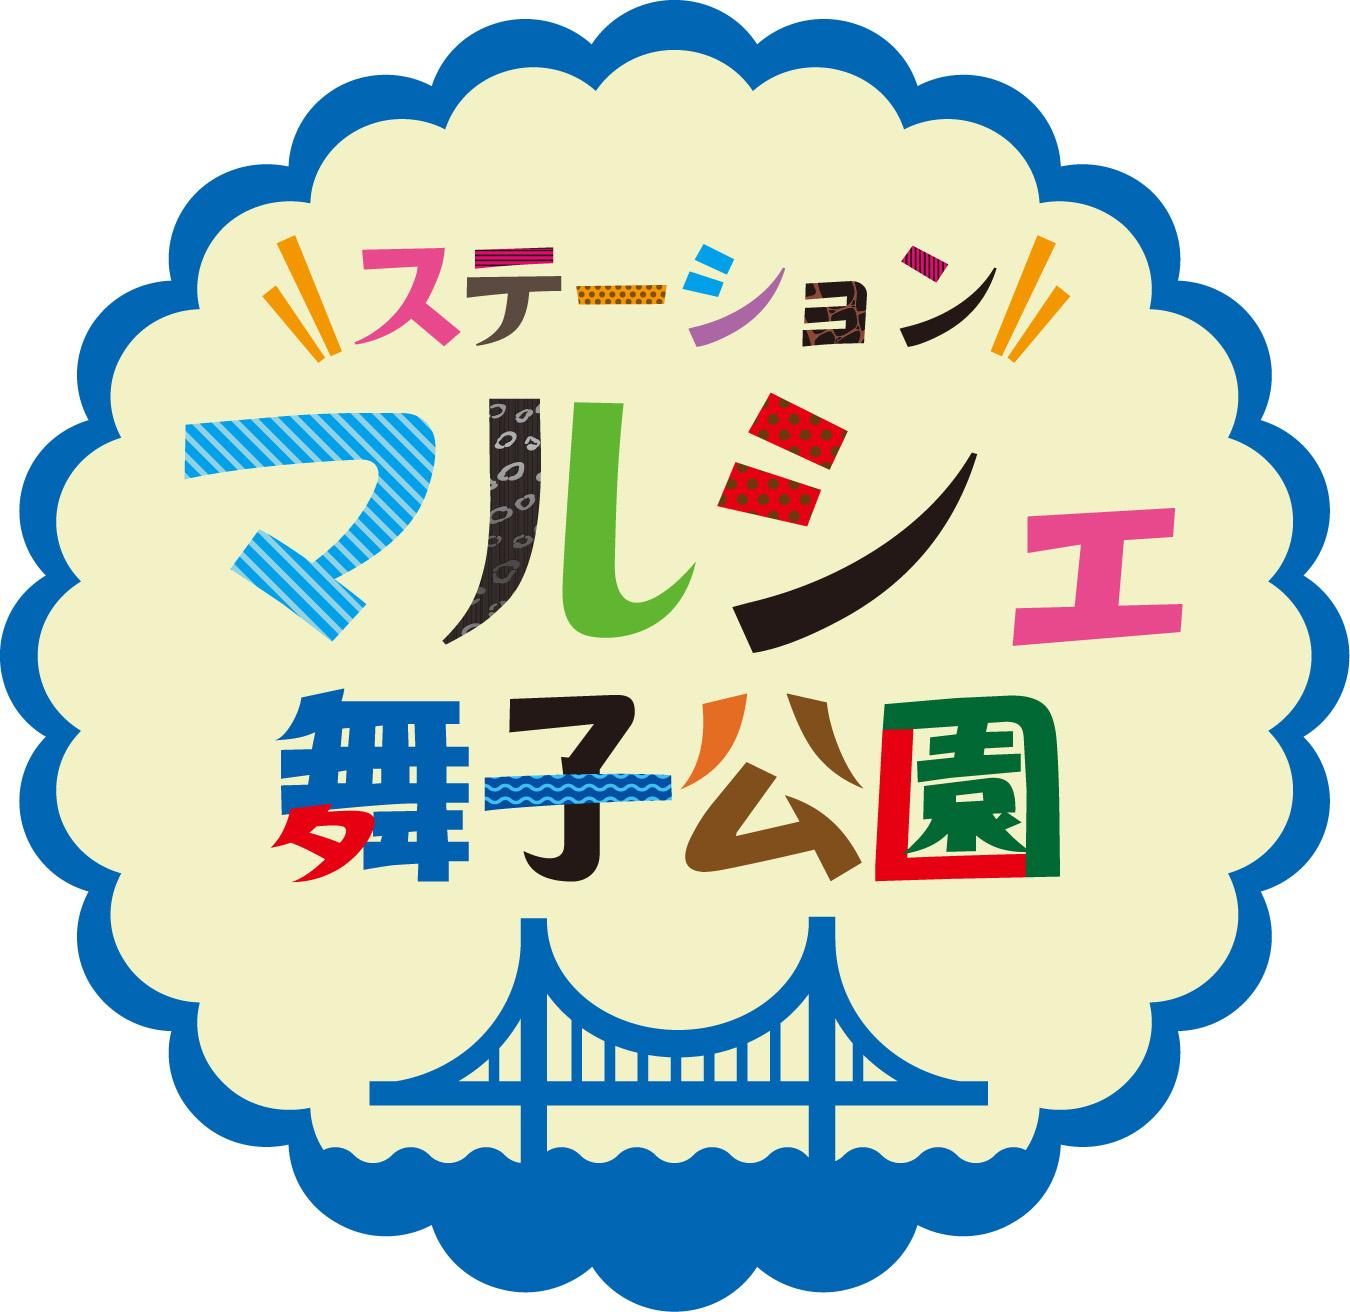 ステーションマルシェ舞子公園4月開催!!